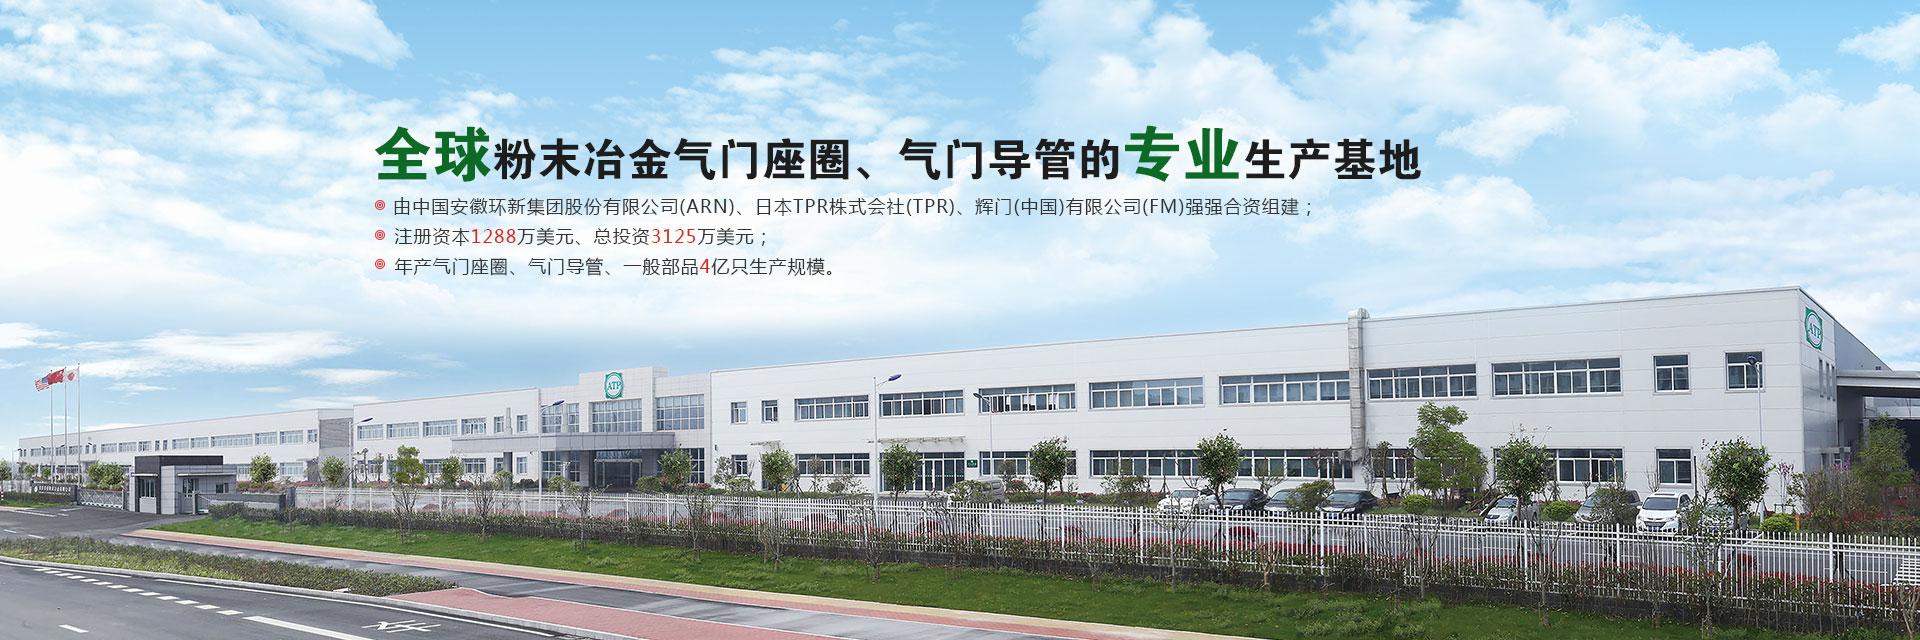 安慶帝伯粉末冶金有限公司